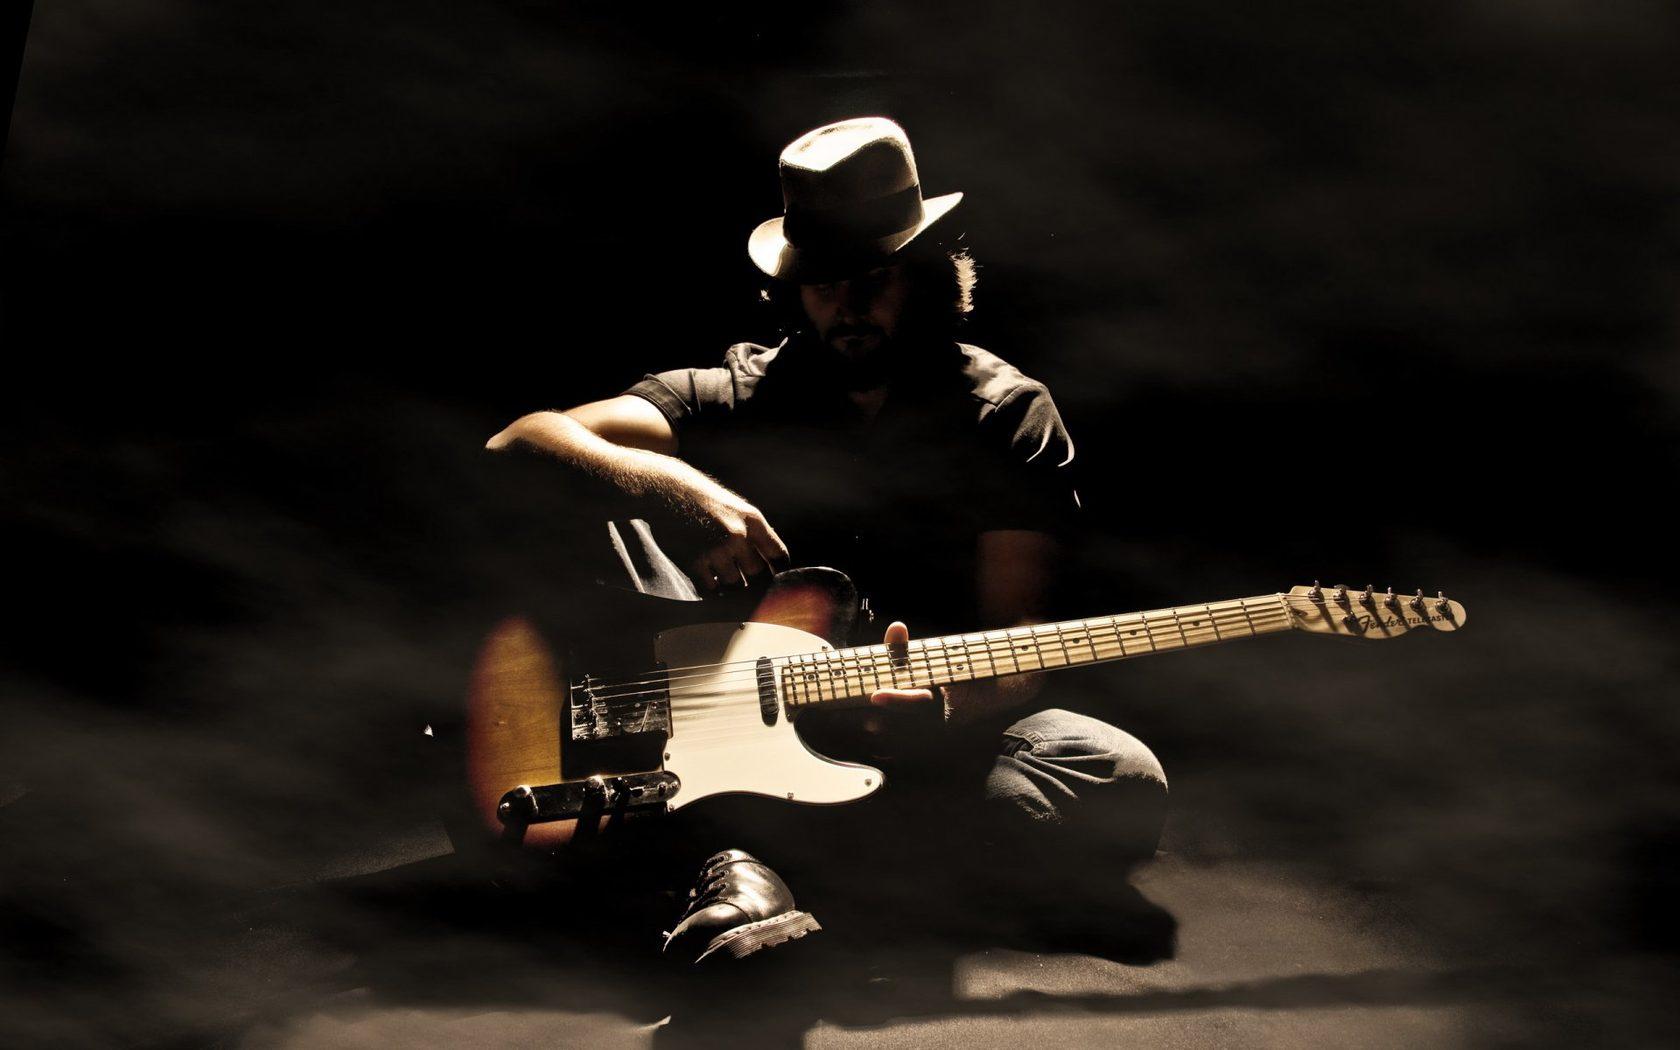 потом все крутые картинки гитаристов апреля сеть